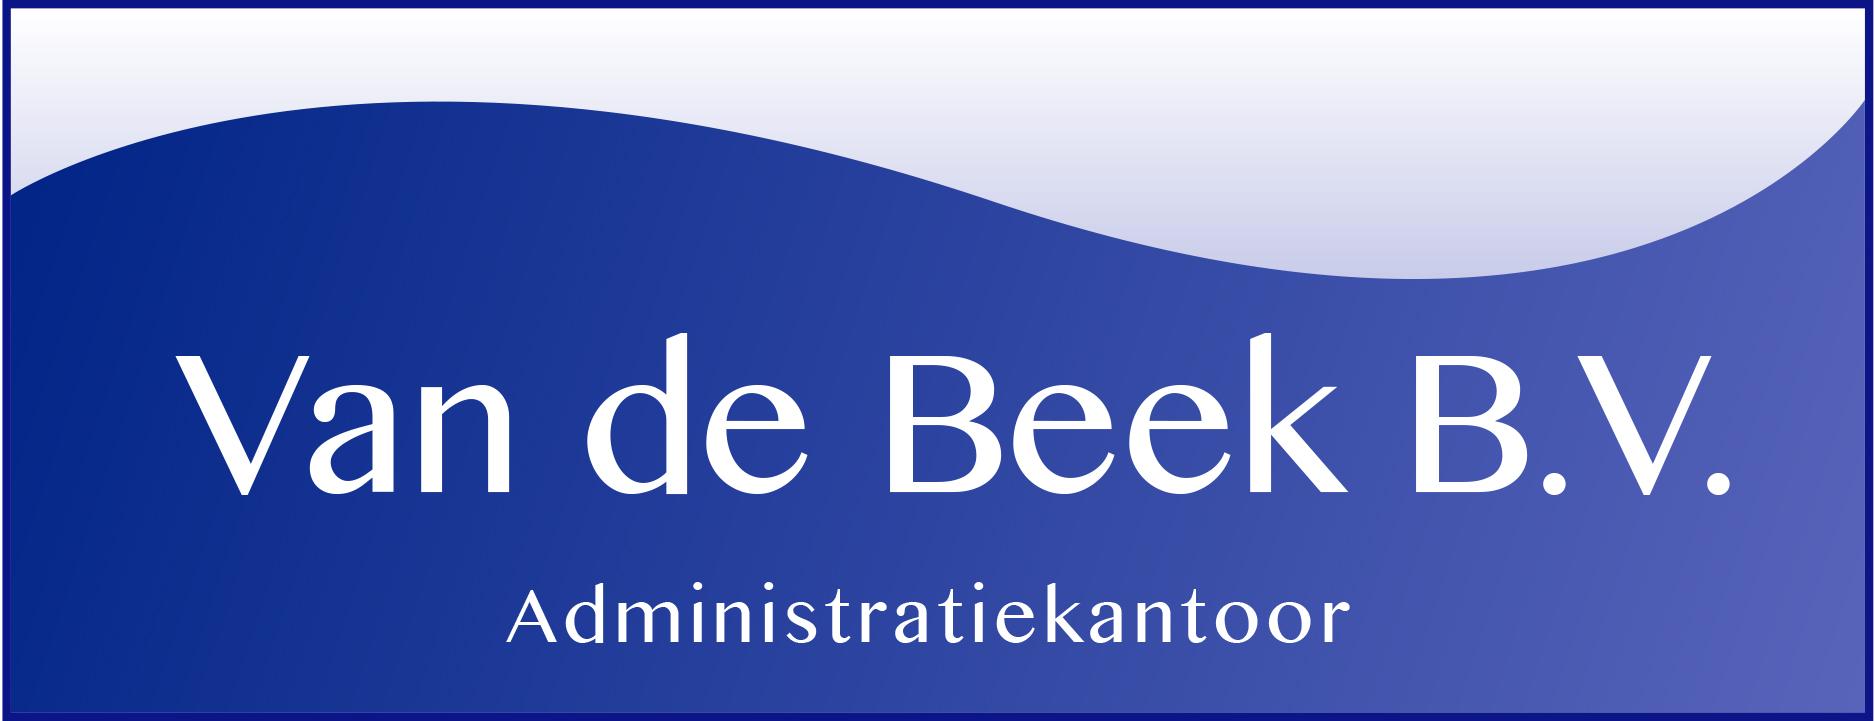 Administratiekantoor Van de Beek